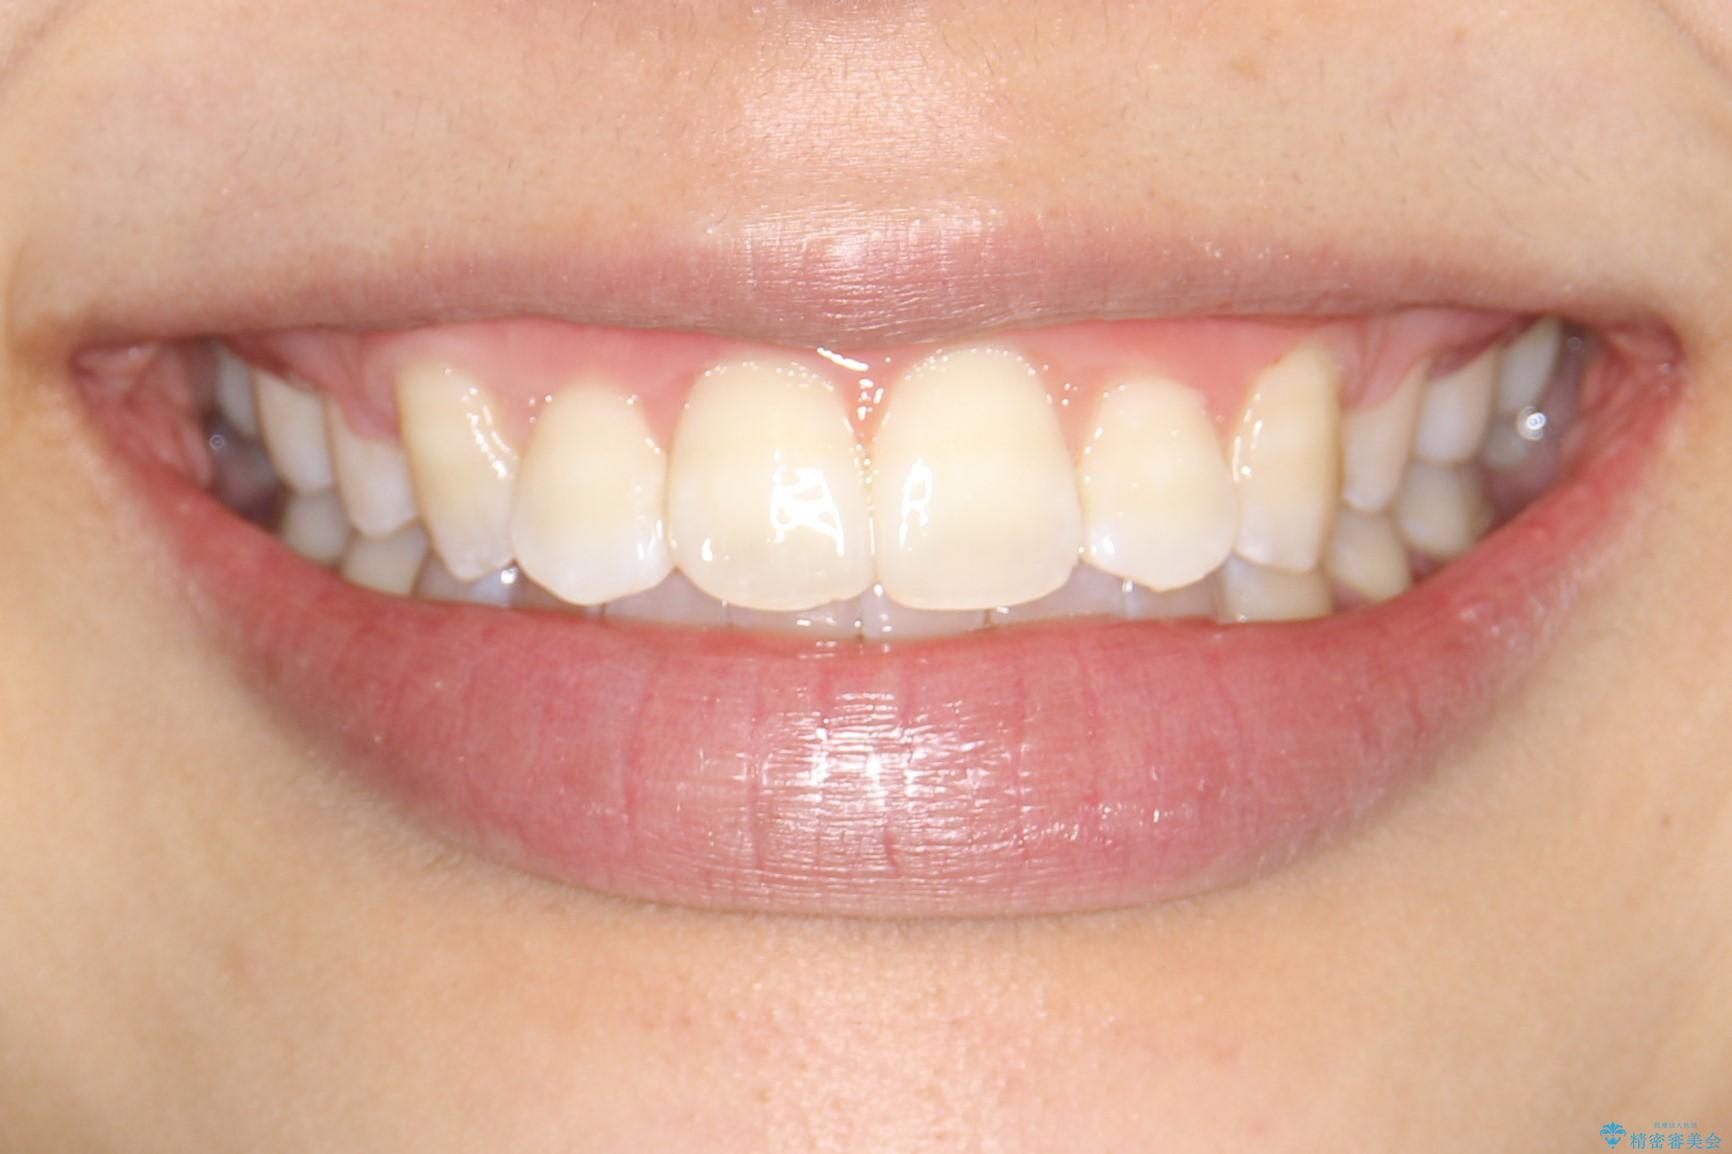 王道・従来のワイヤー矯正 表の装置で手早くきれいな歯並びをの治療後(顔貌)